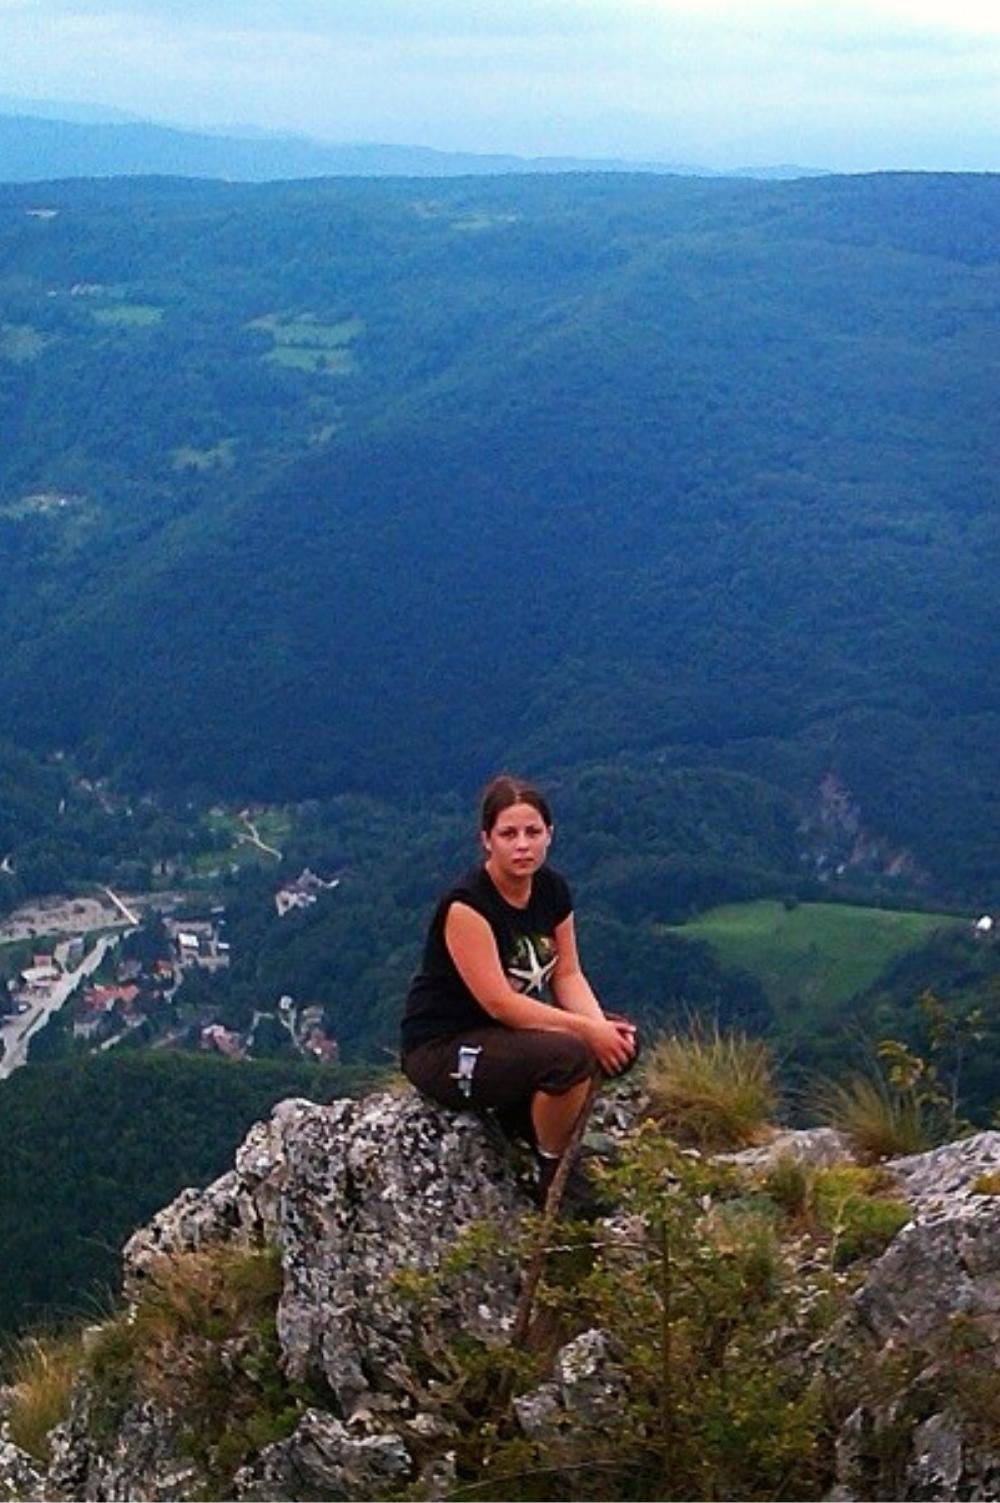 Devojka sedi na kamenu na vrhu planine ili brda.